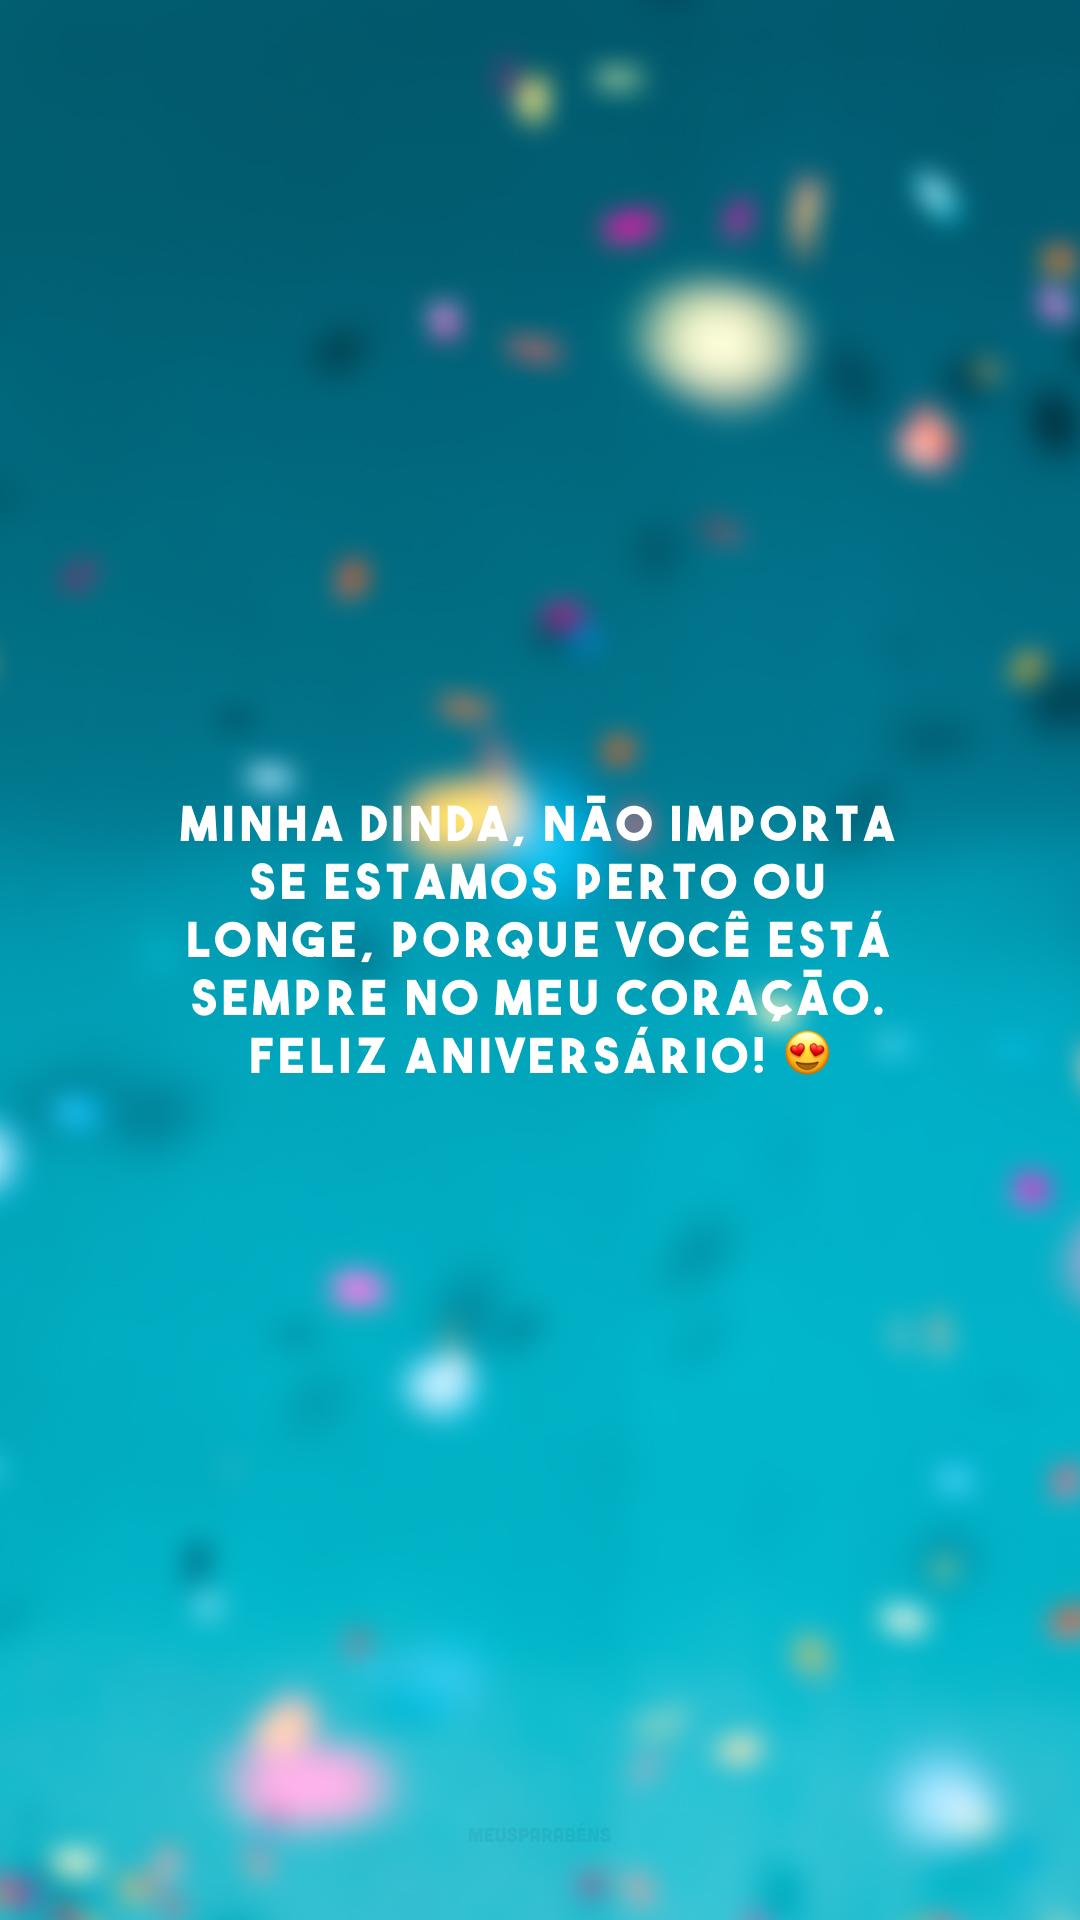 Minha dinda, não importa se estamos perto ou longe, porque você está sempre no meu coração. Feliz aniversário! 😍